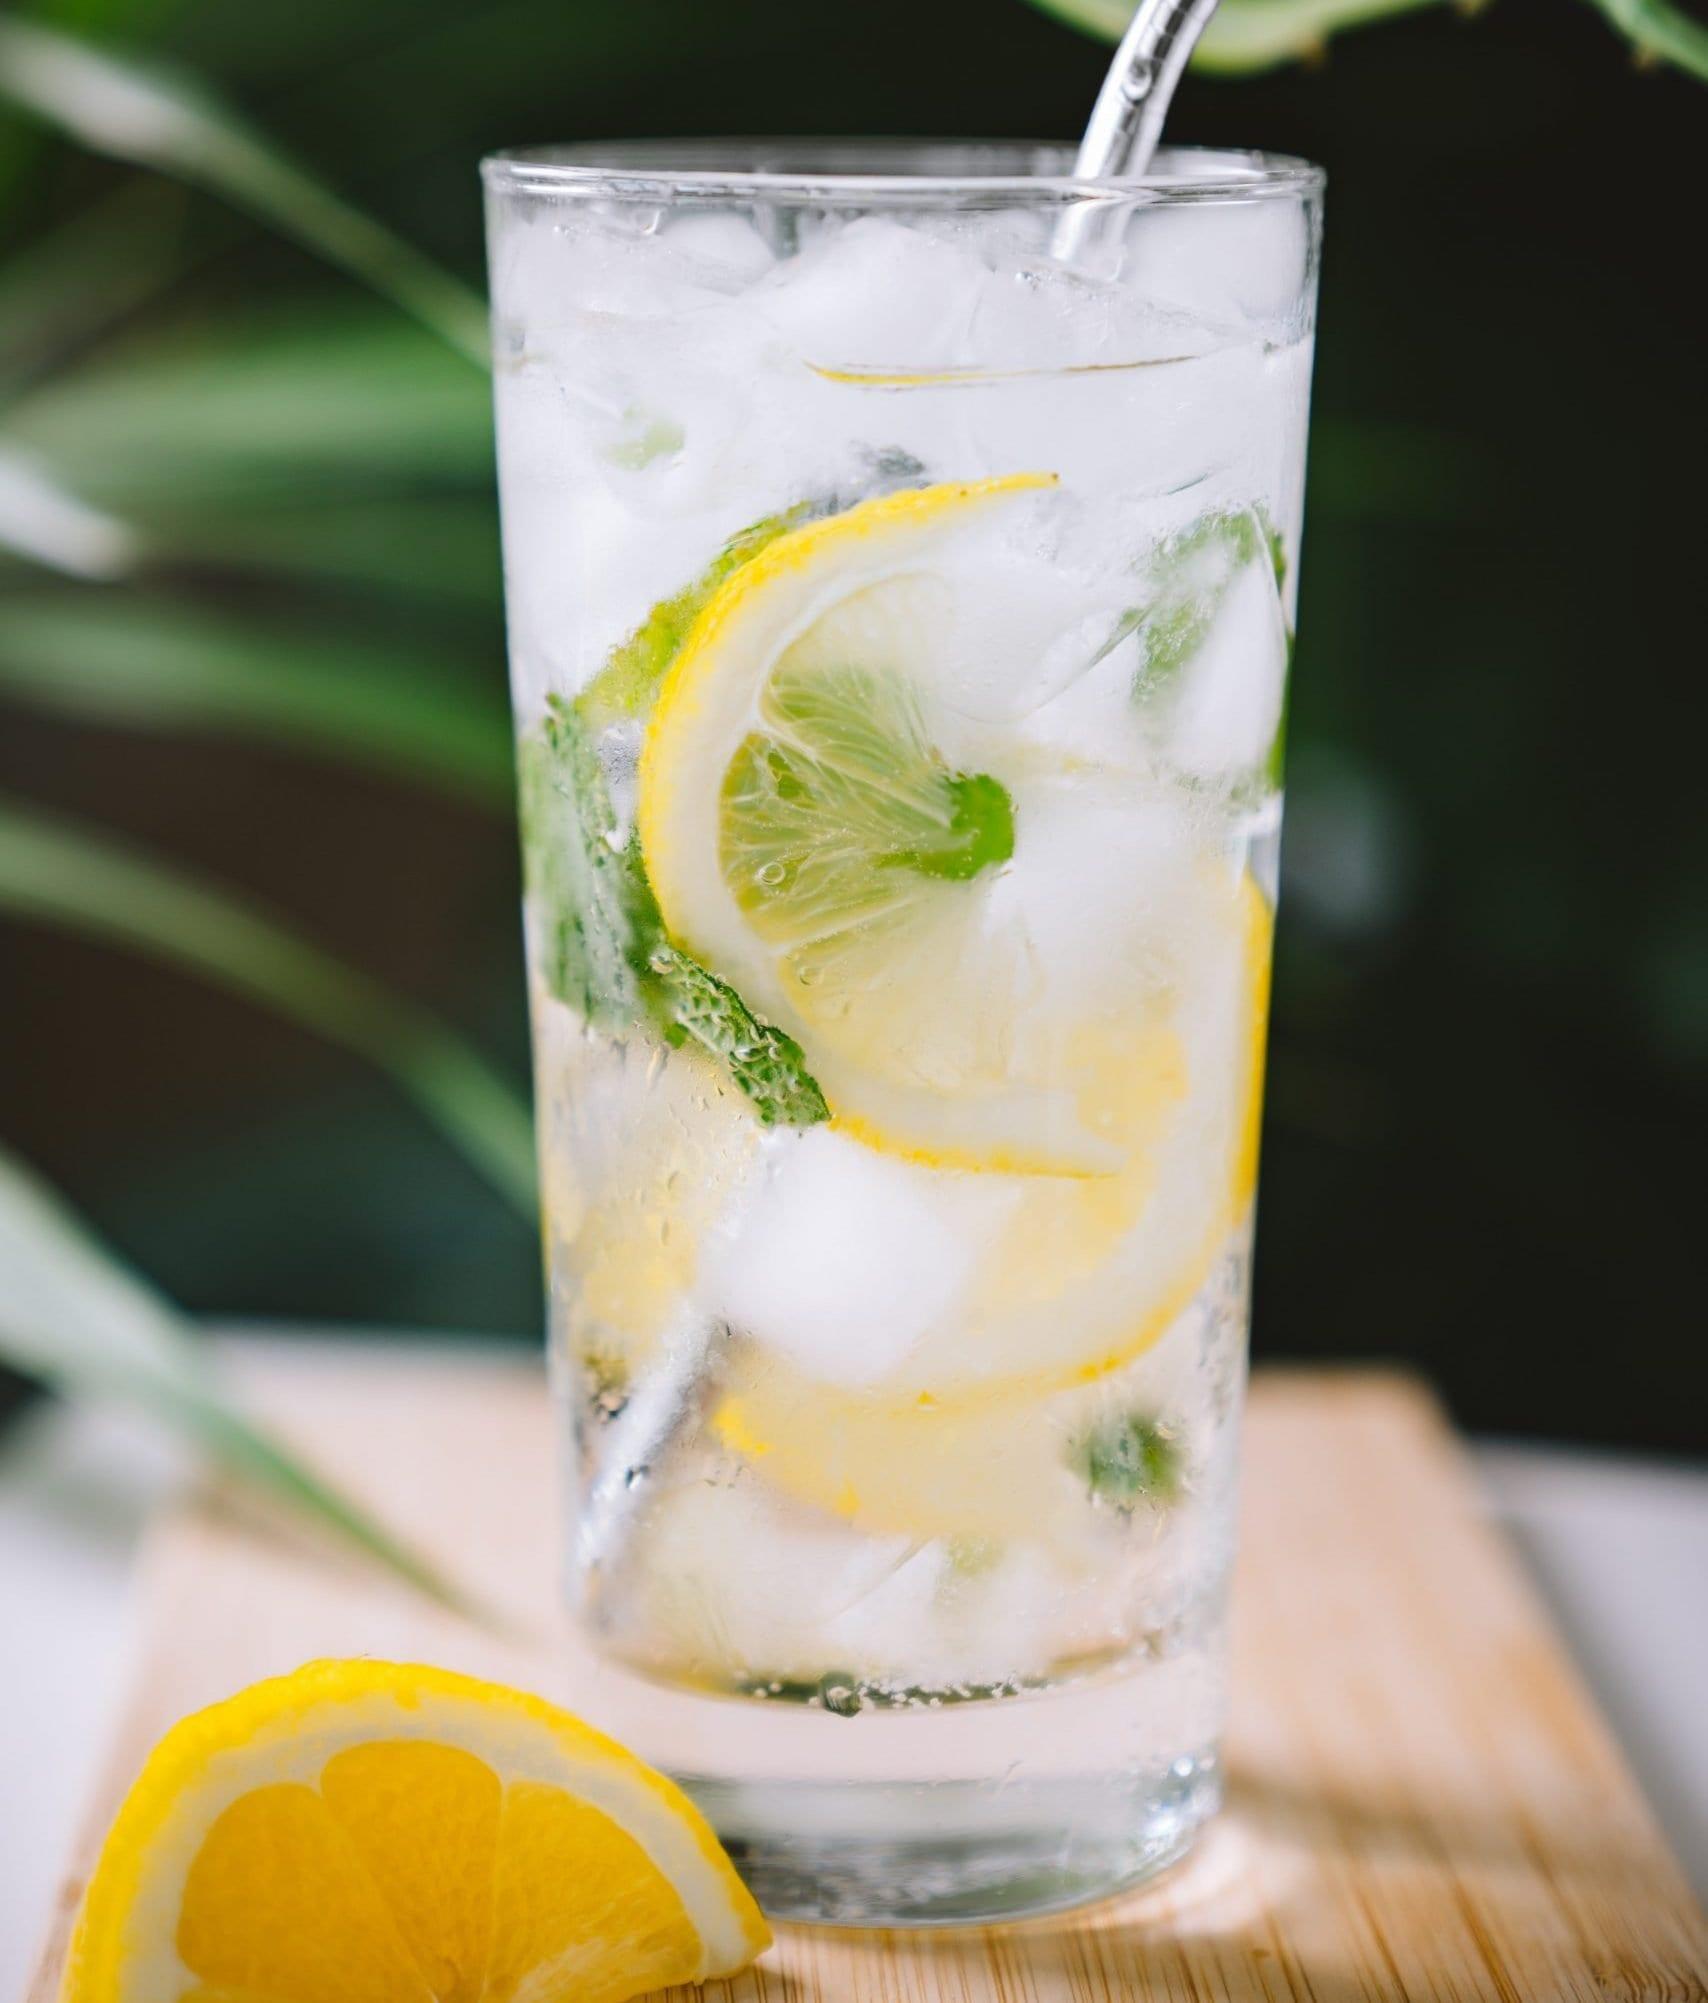 Hoe maak je zelf limonade? 1